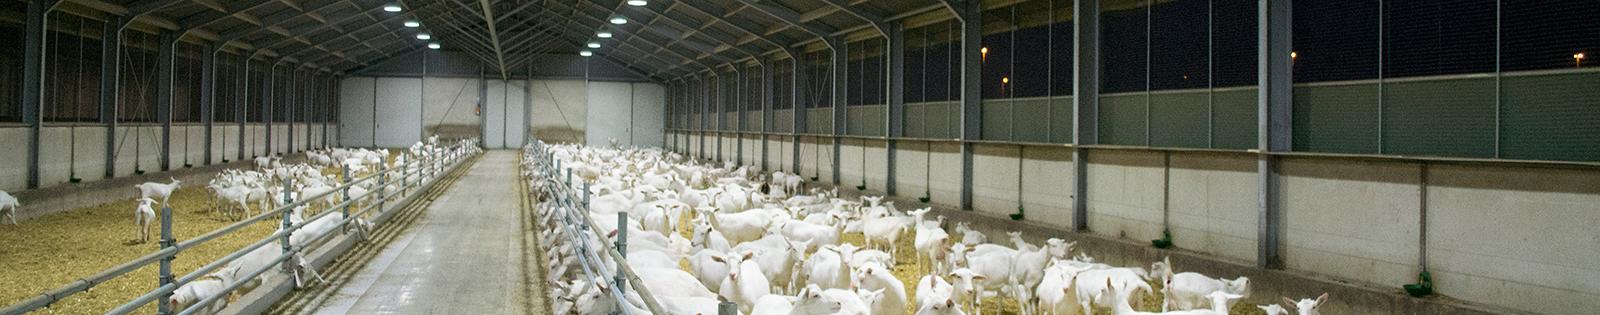 Eco-line3 LED en inductie stalverlichting voor geitenhouderij